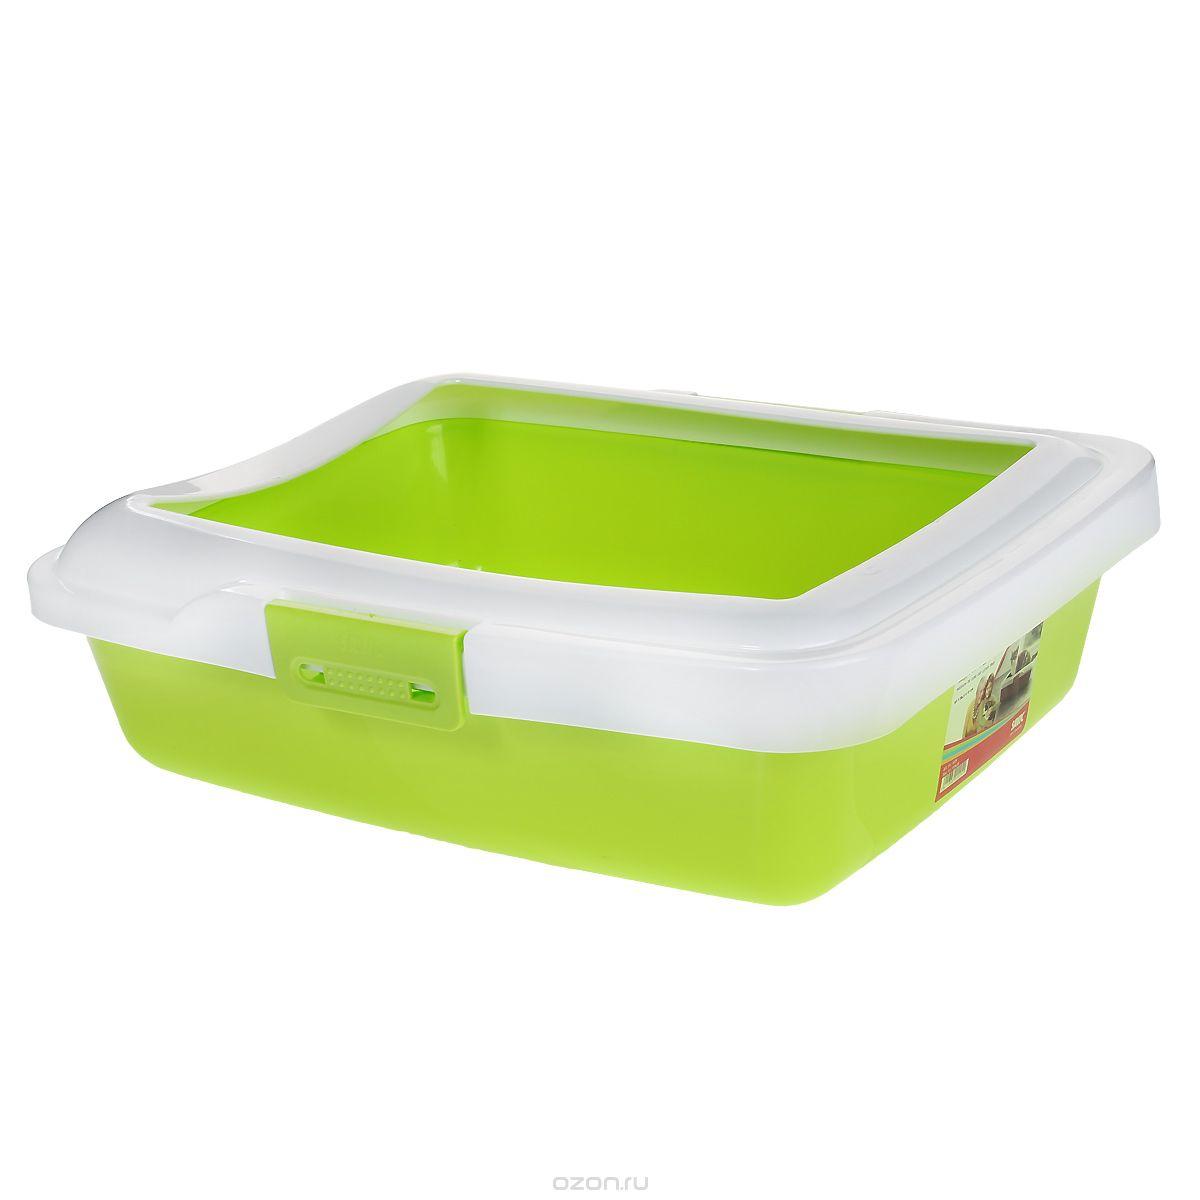 """Туалет для кошек Savic """"Aristos Large"""", с бортом, цвет: салатовый, белый, 49,5 см х 39,5 см х 15 см"""